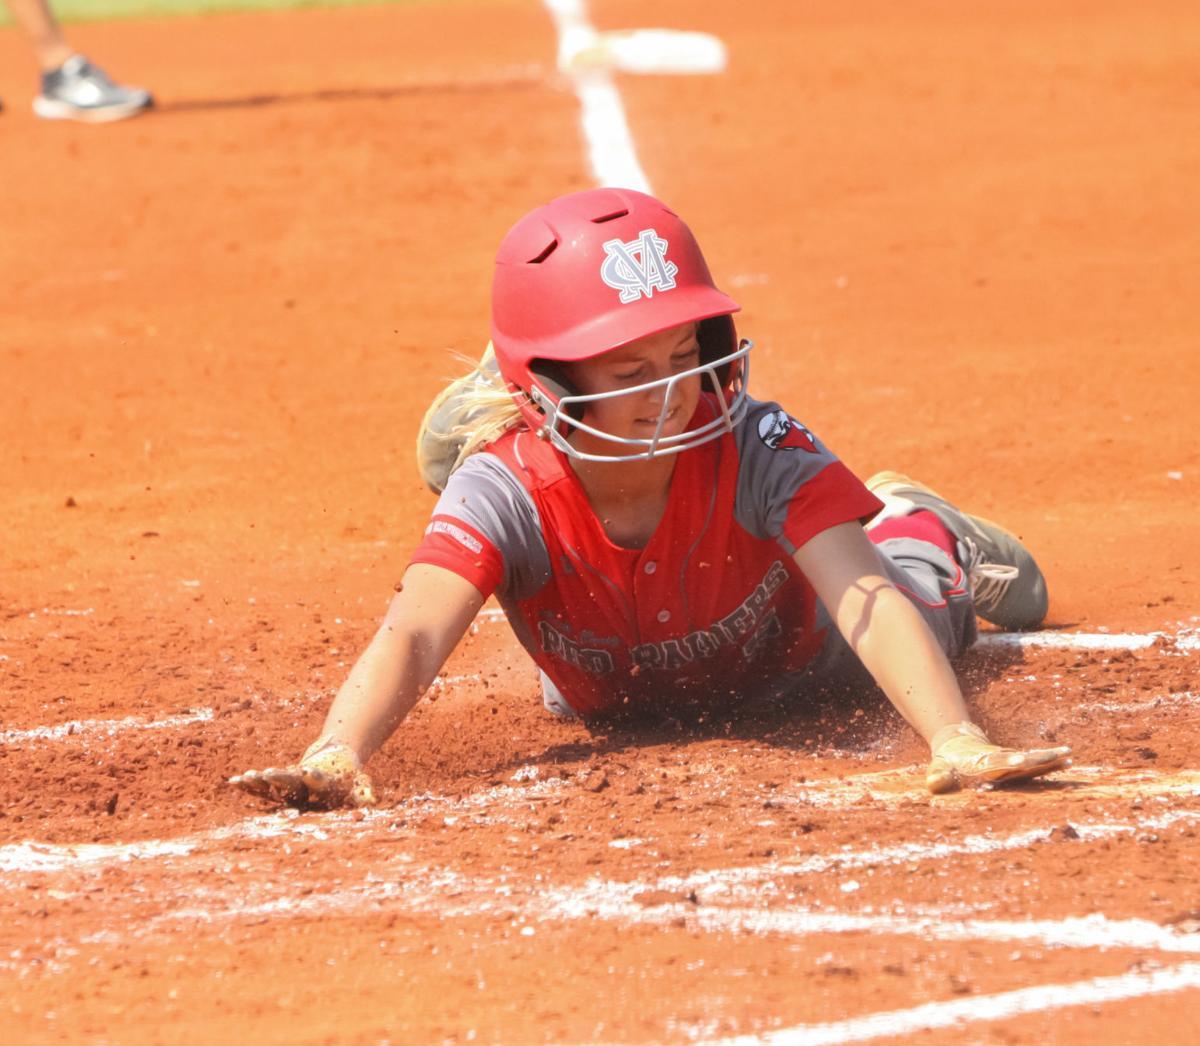 Brooke Hooper slides